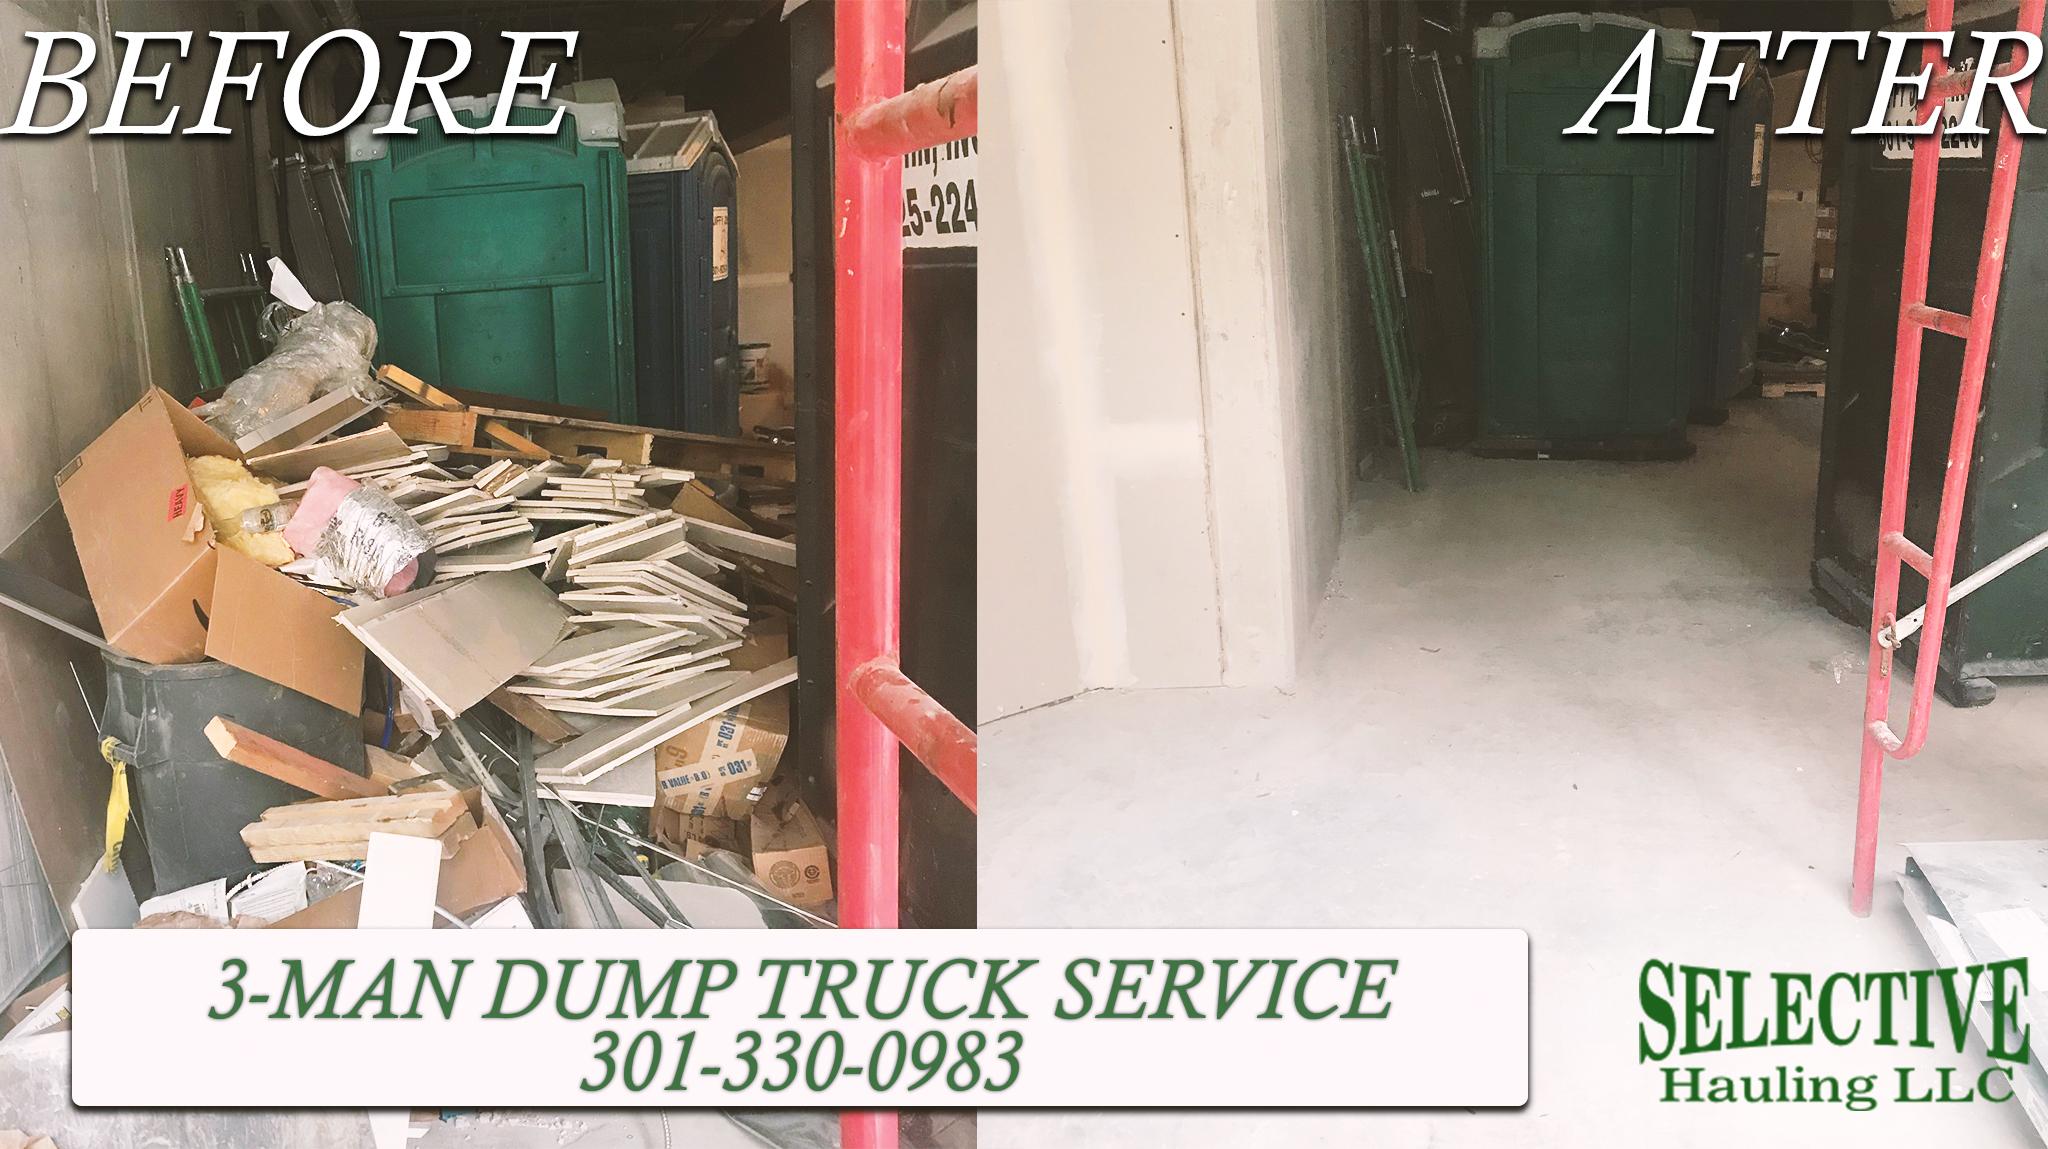 Reston junk removal service